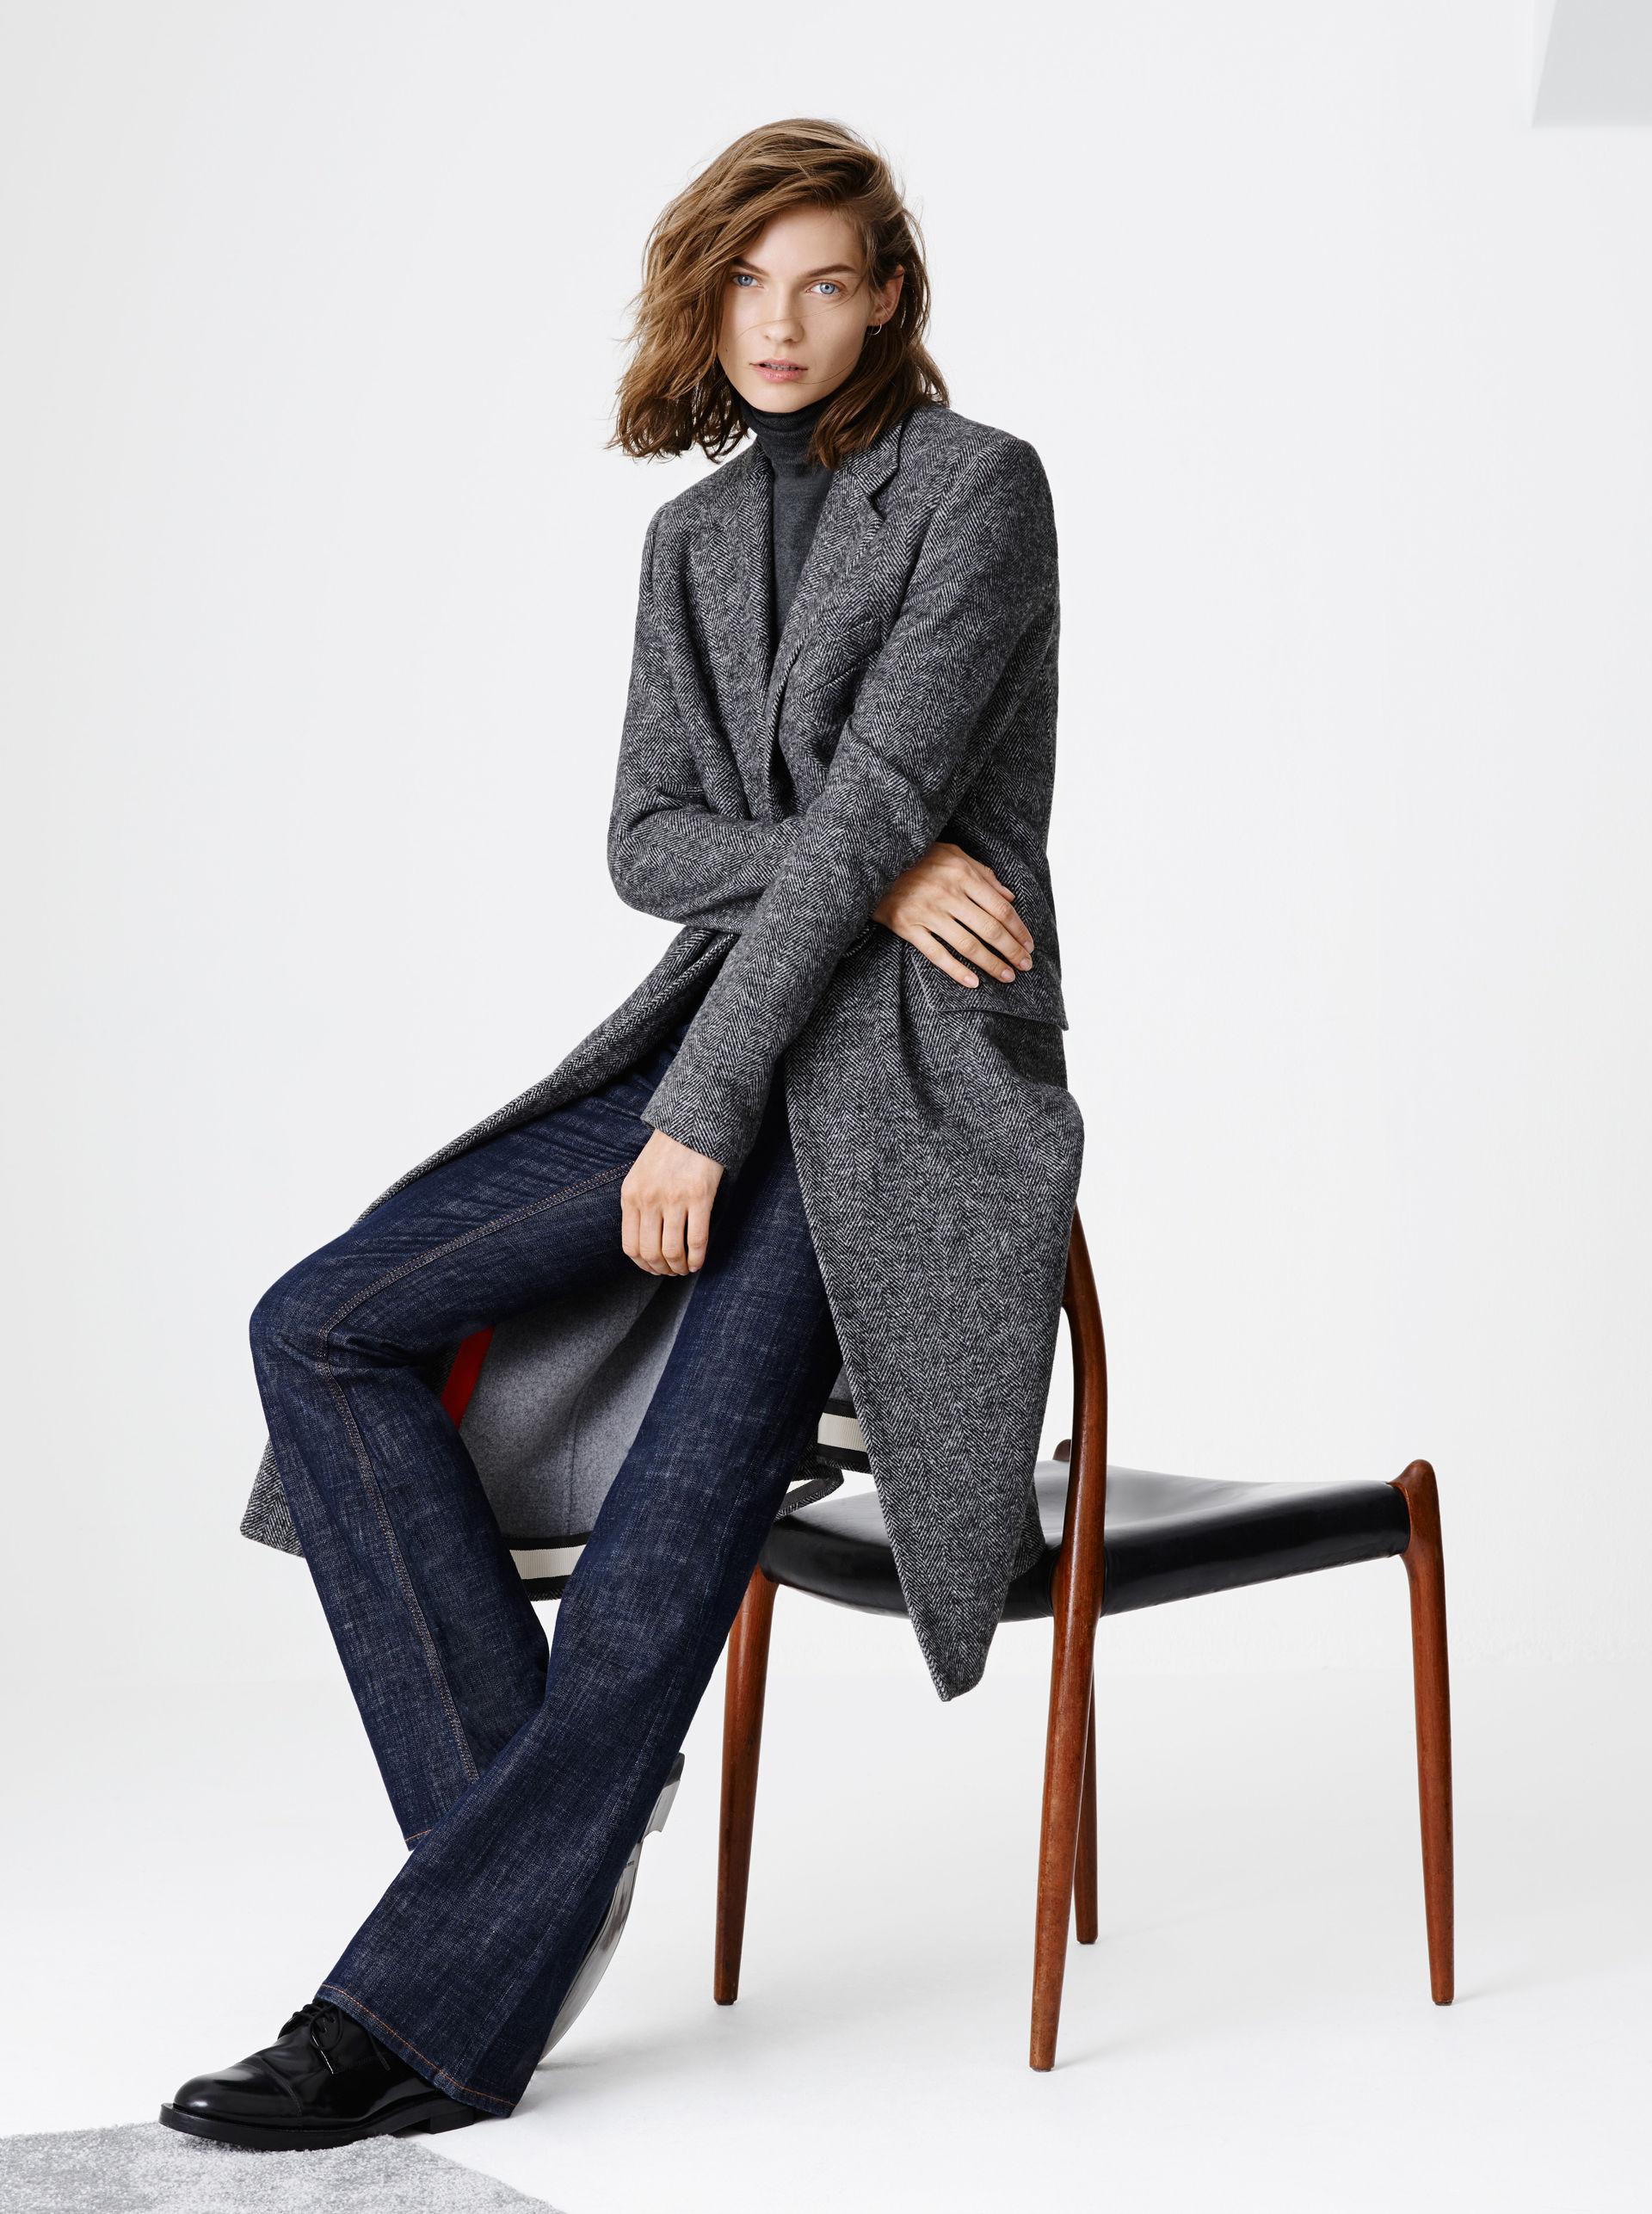 Troppo Per Donna Spendere Outfit Chic 2014 Vestirsi Inverno Senza 7Z7tq8x